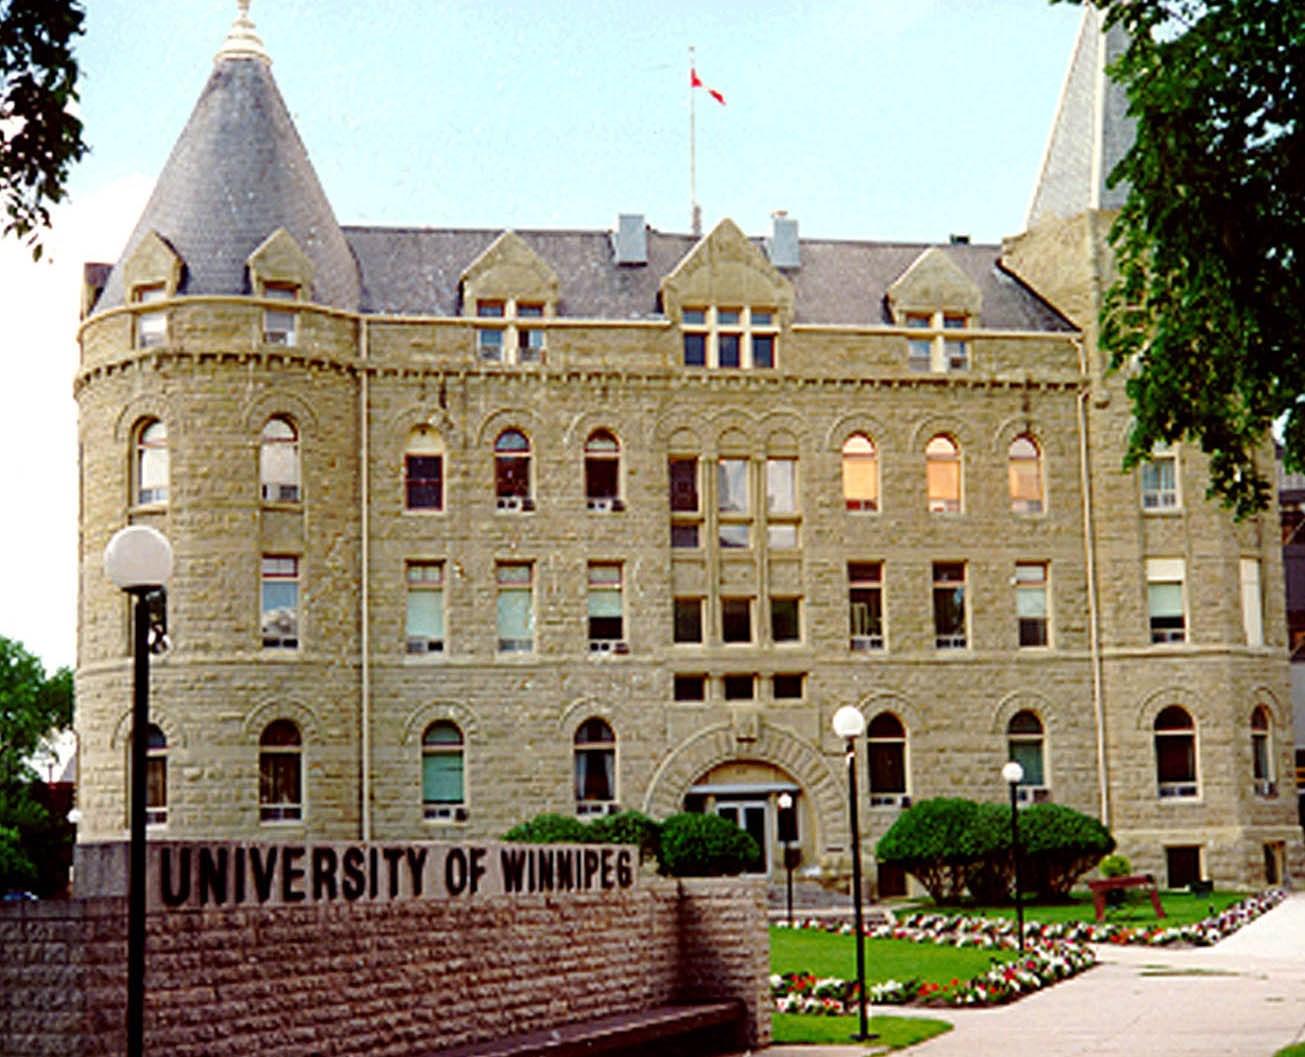 جامعة وينيبيغ-الصور-6